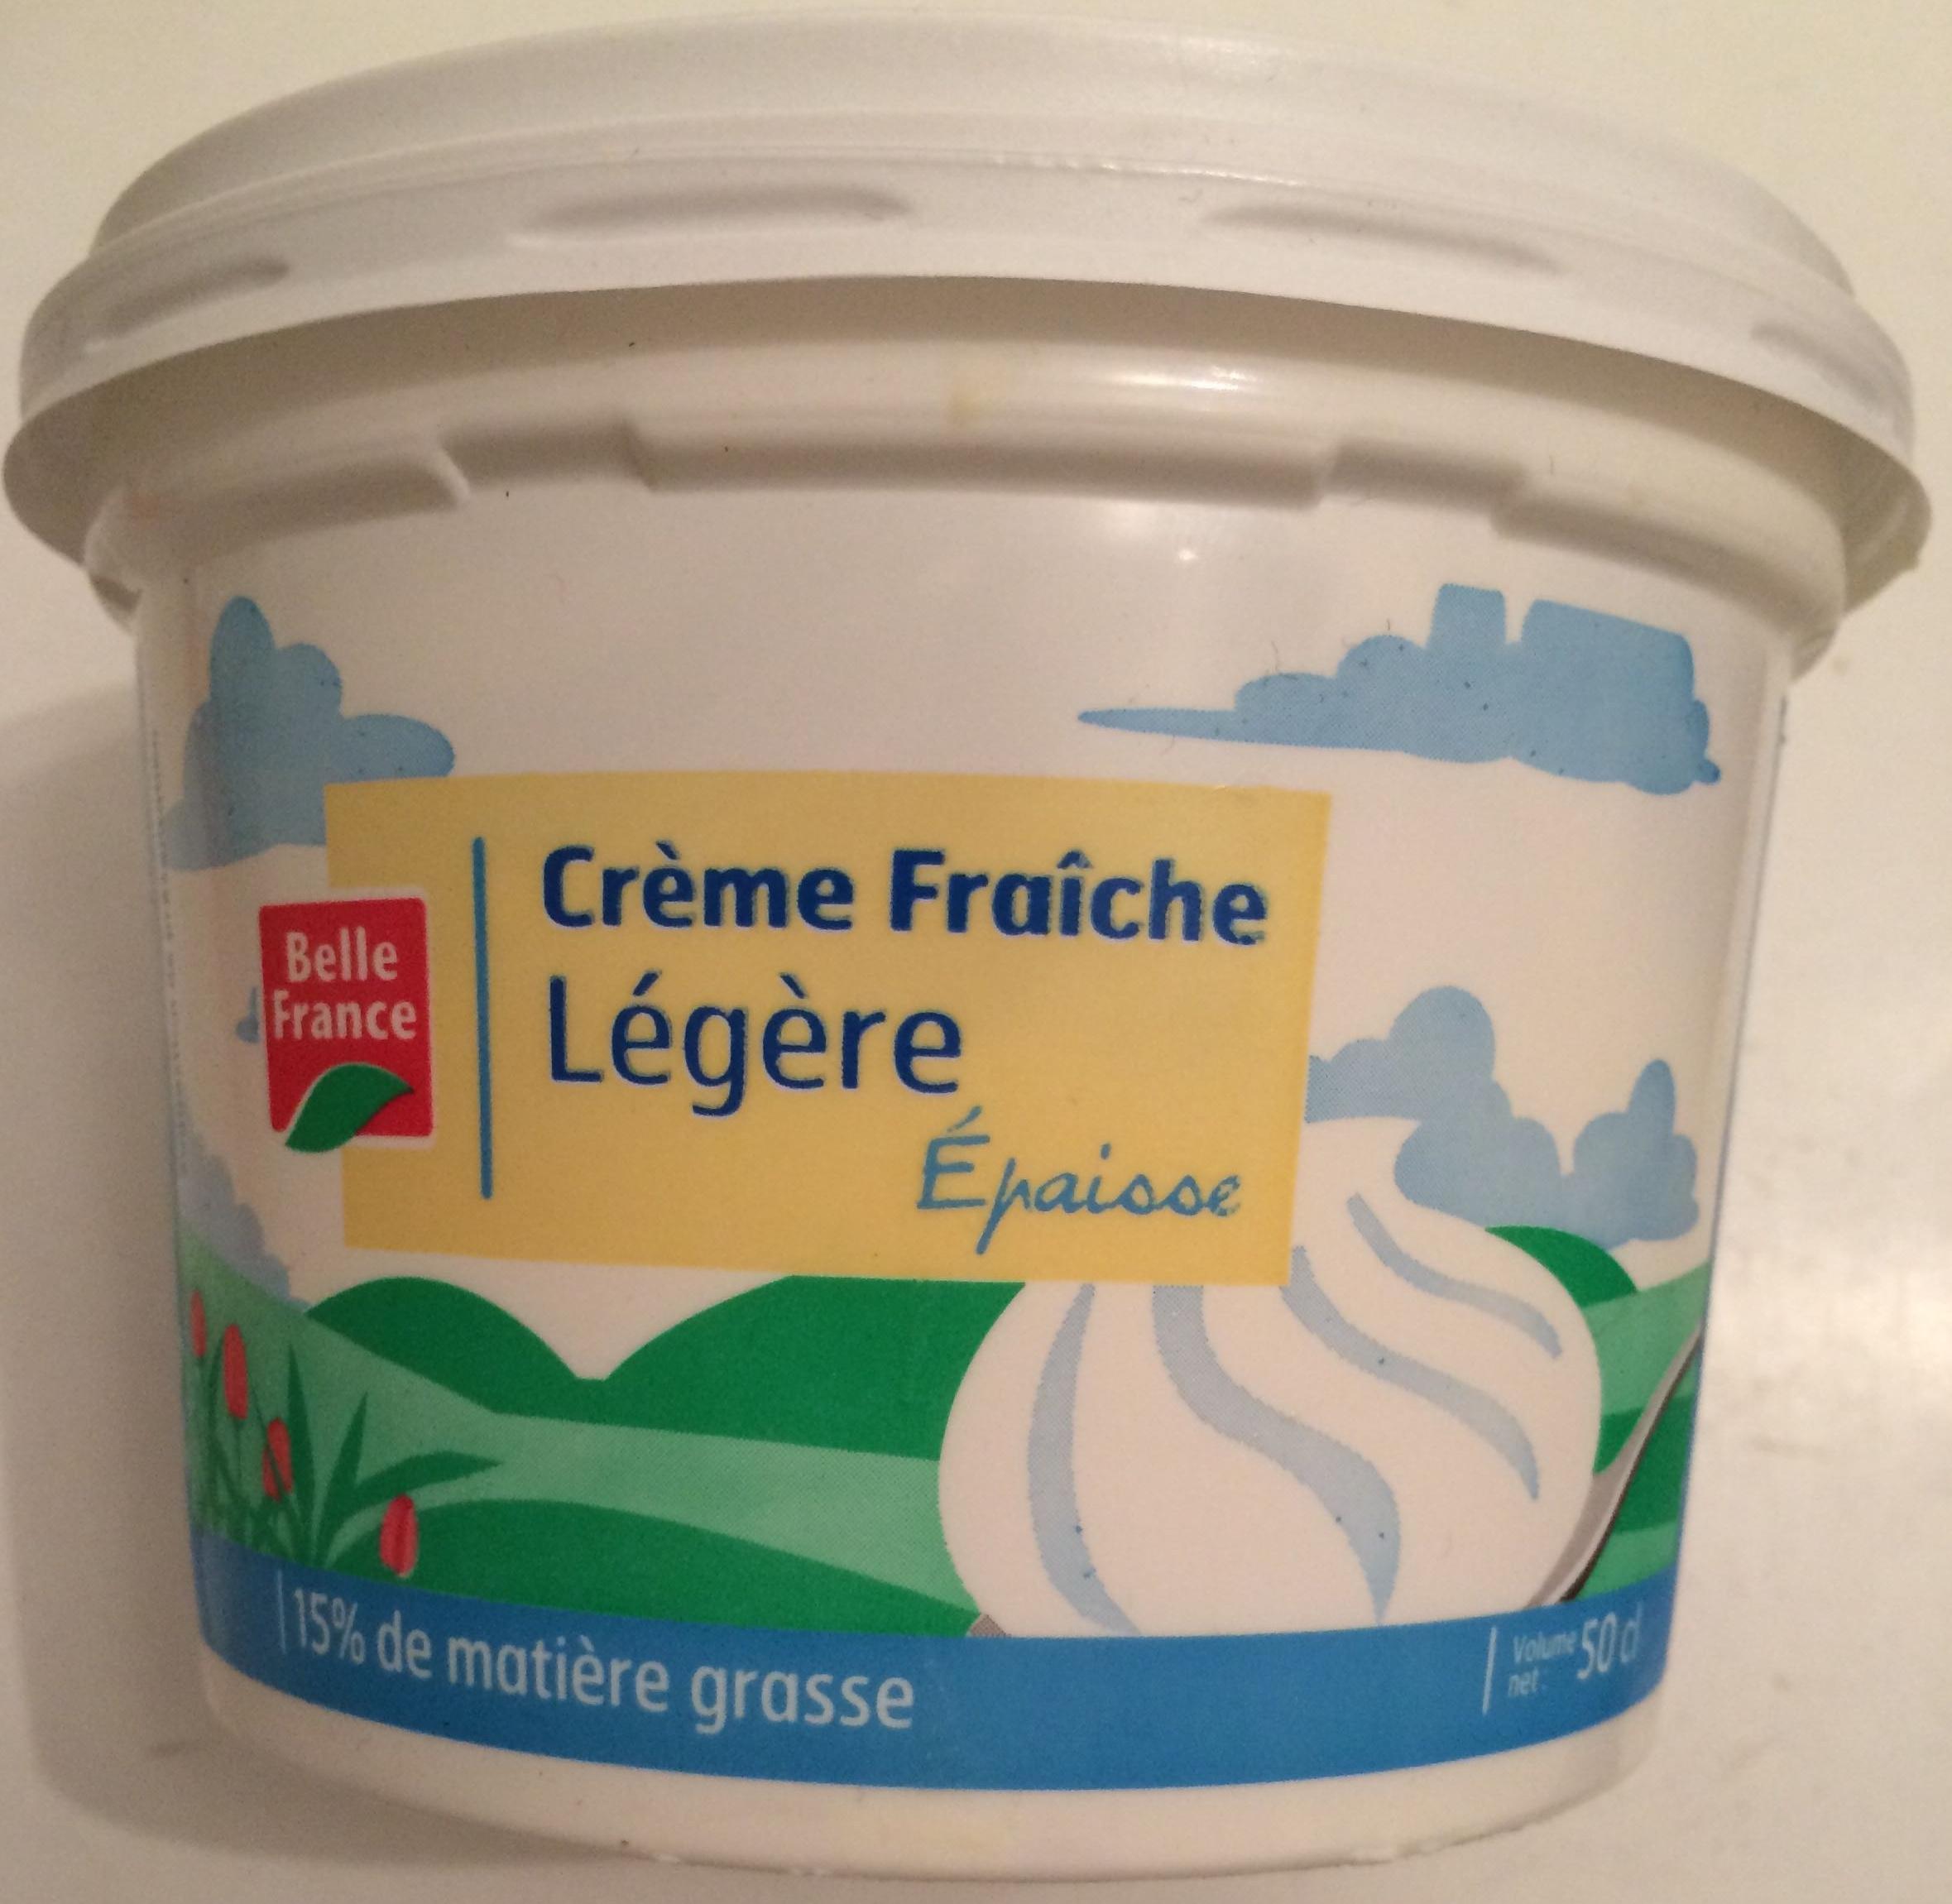 Crème Fraîche Légère (15% MG) - Product - fr